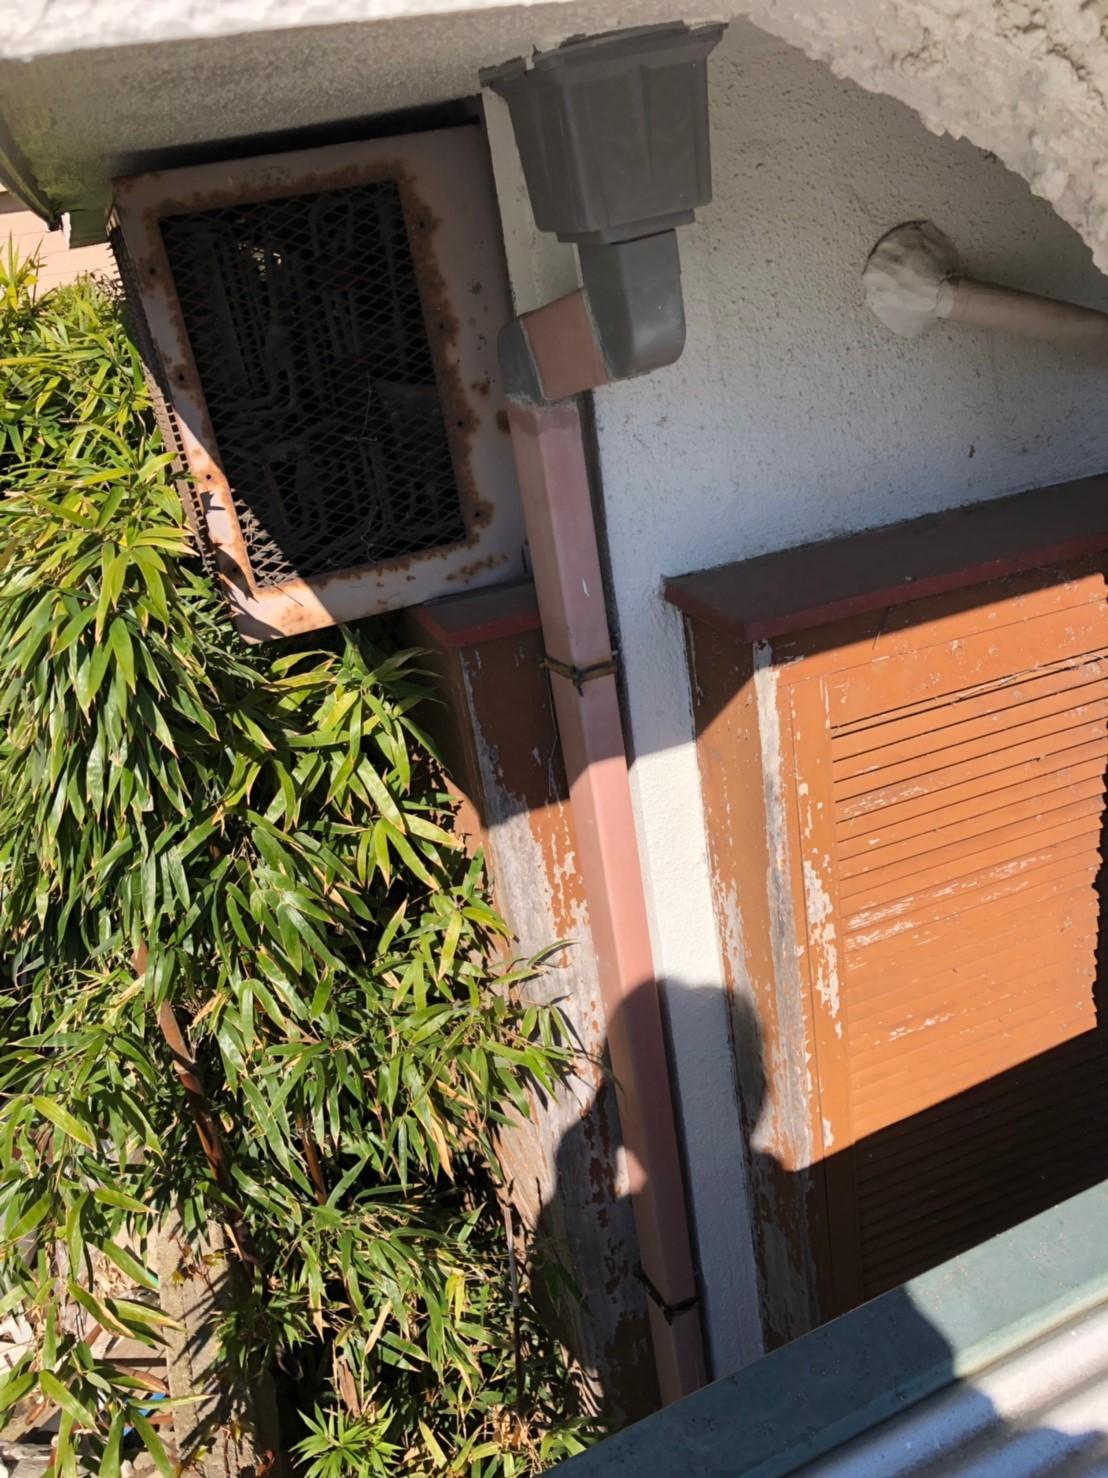 東京都世田谷区で火災保険を申請無料で雨樋交換工事施工前